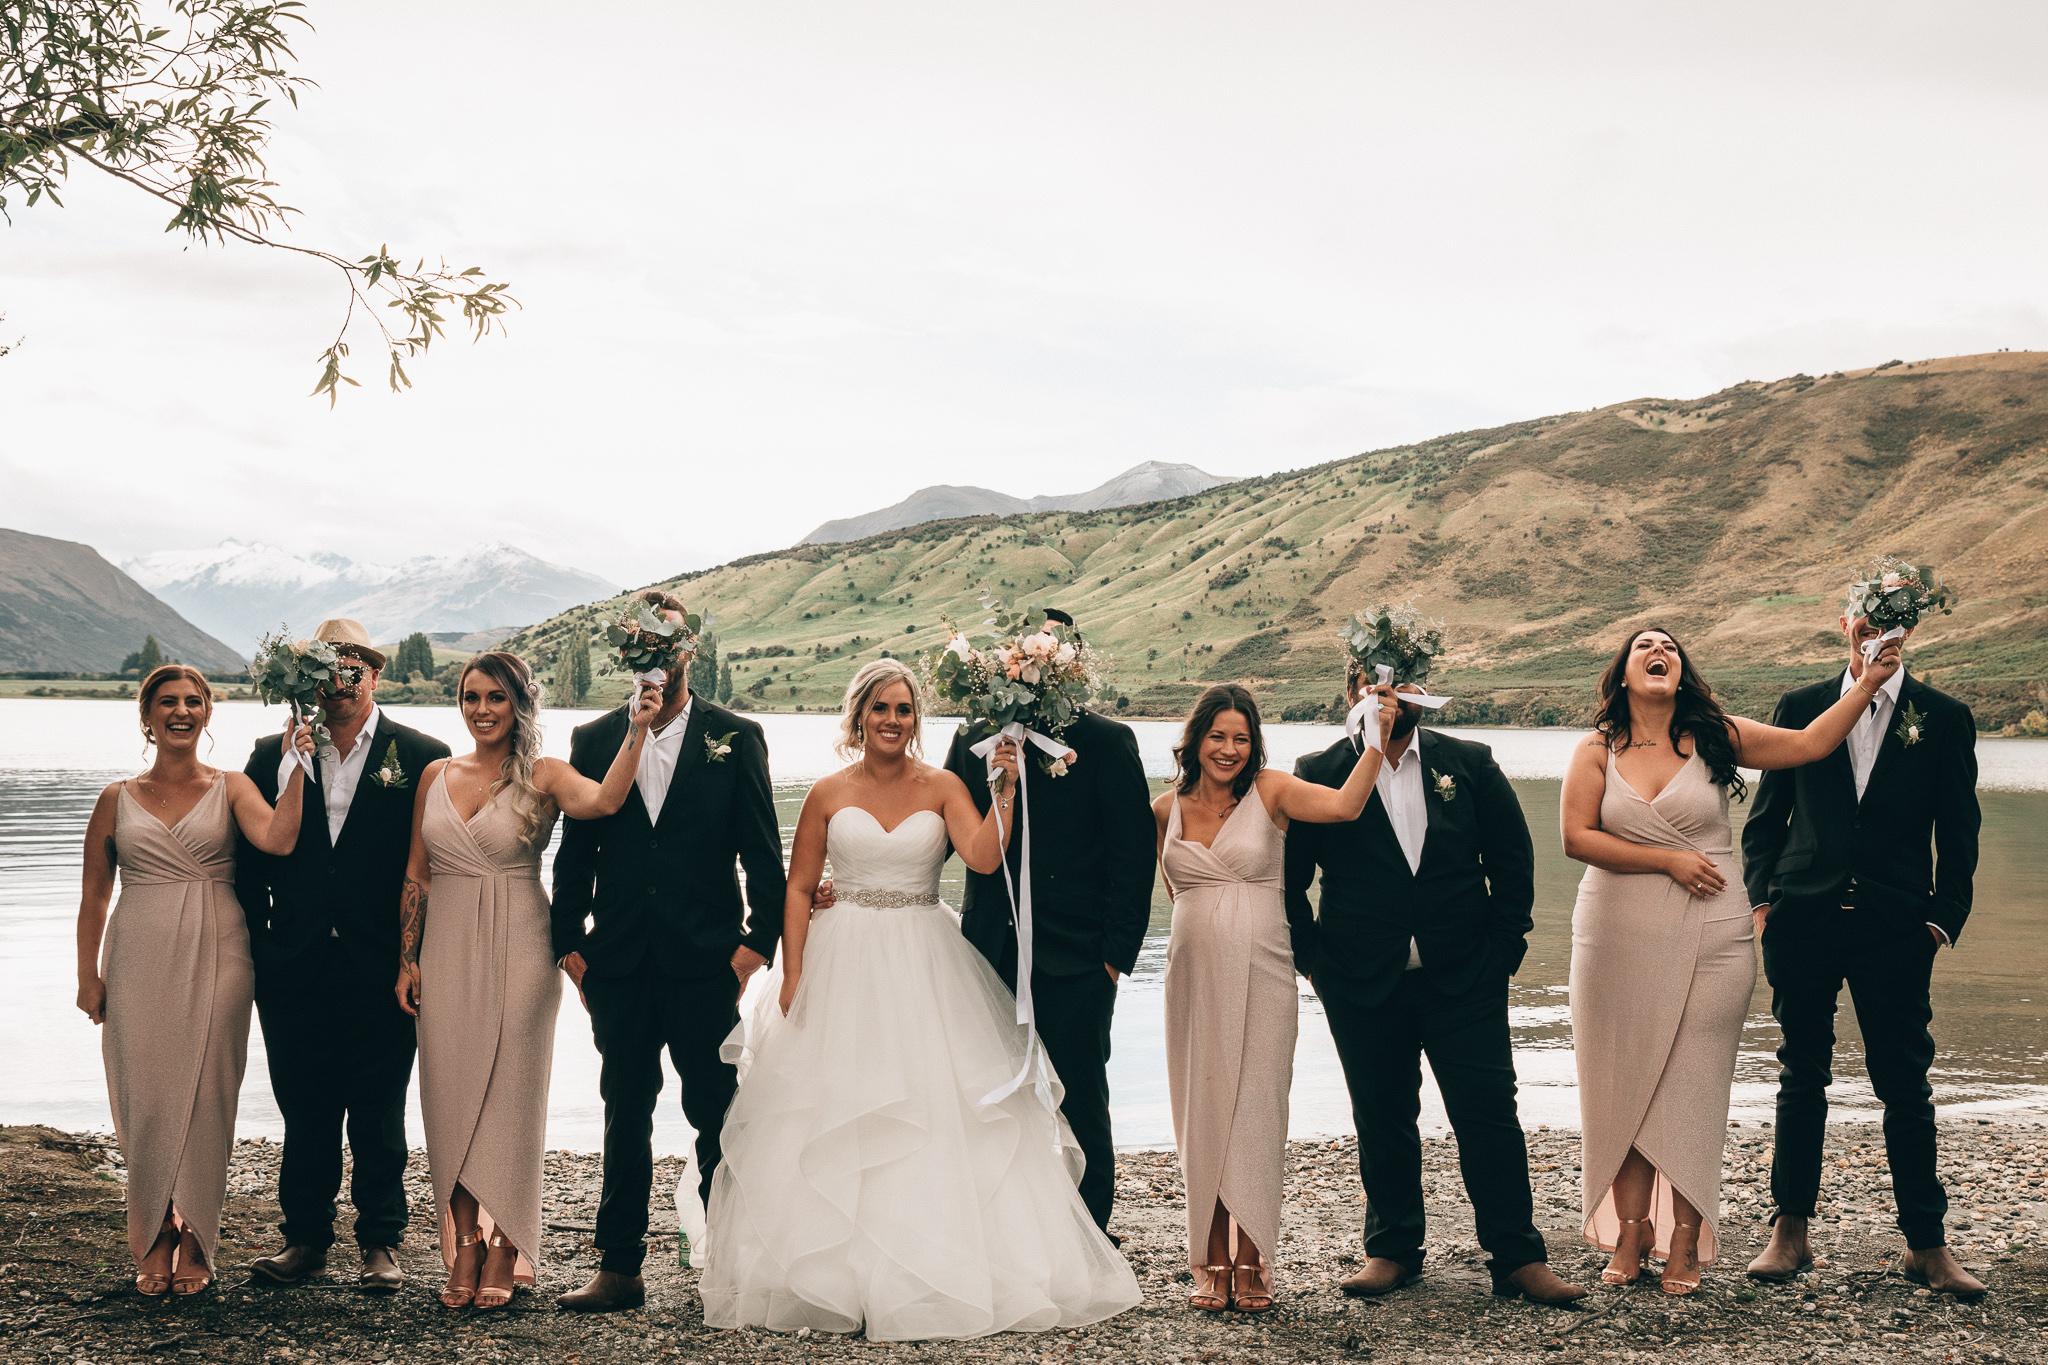 Jade + Kahu - Intimate Wedding // Dublin Bay, Wanaka